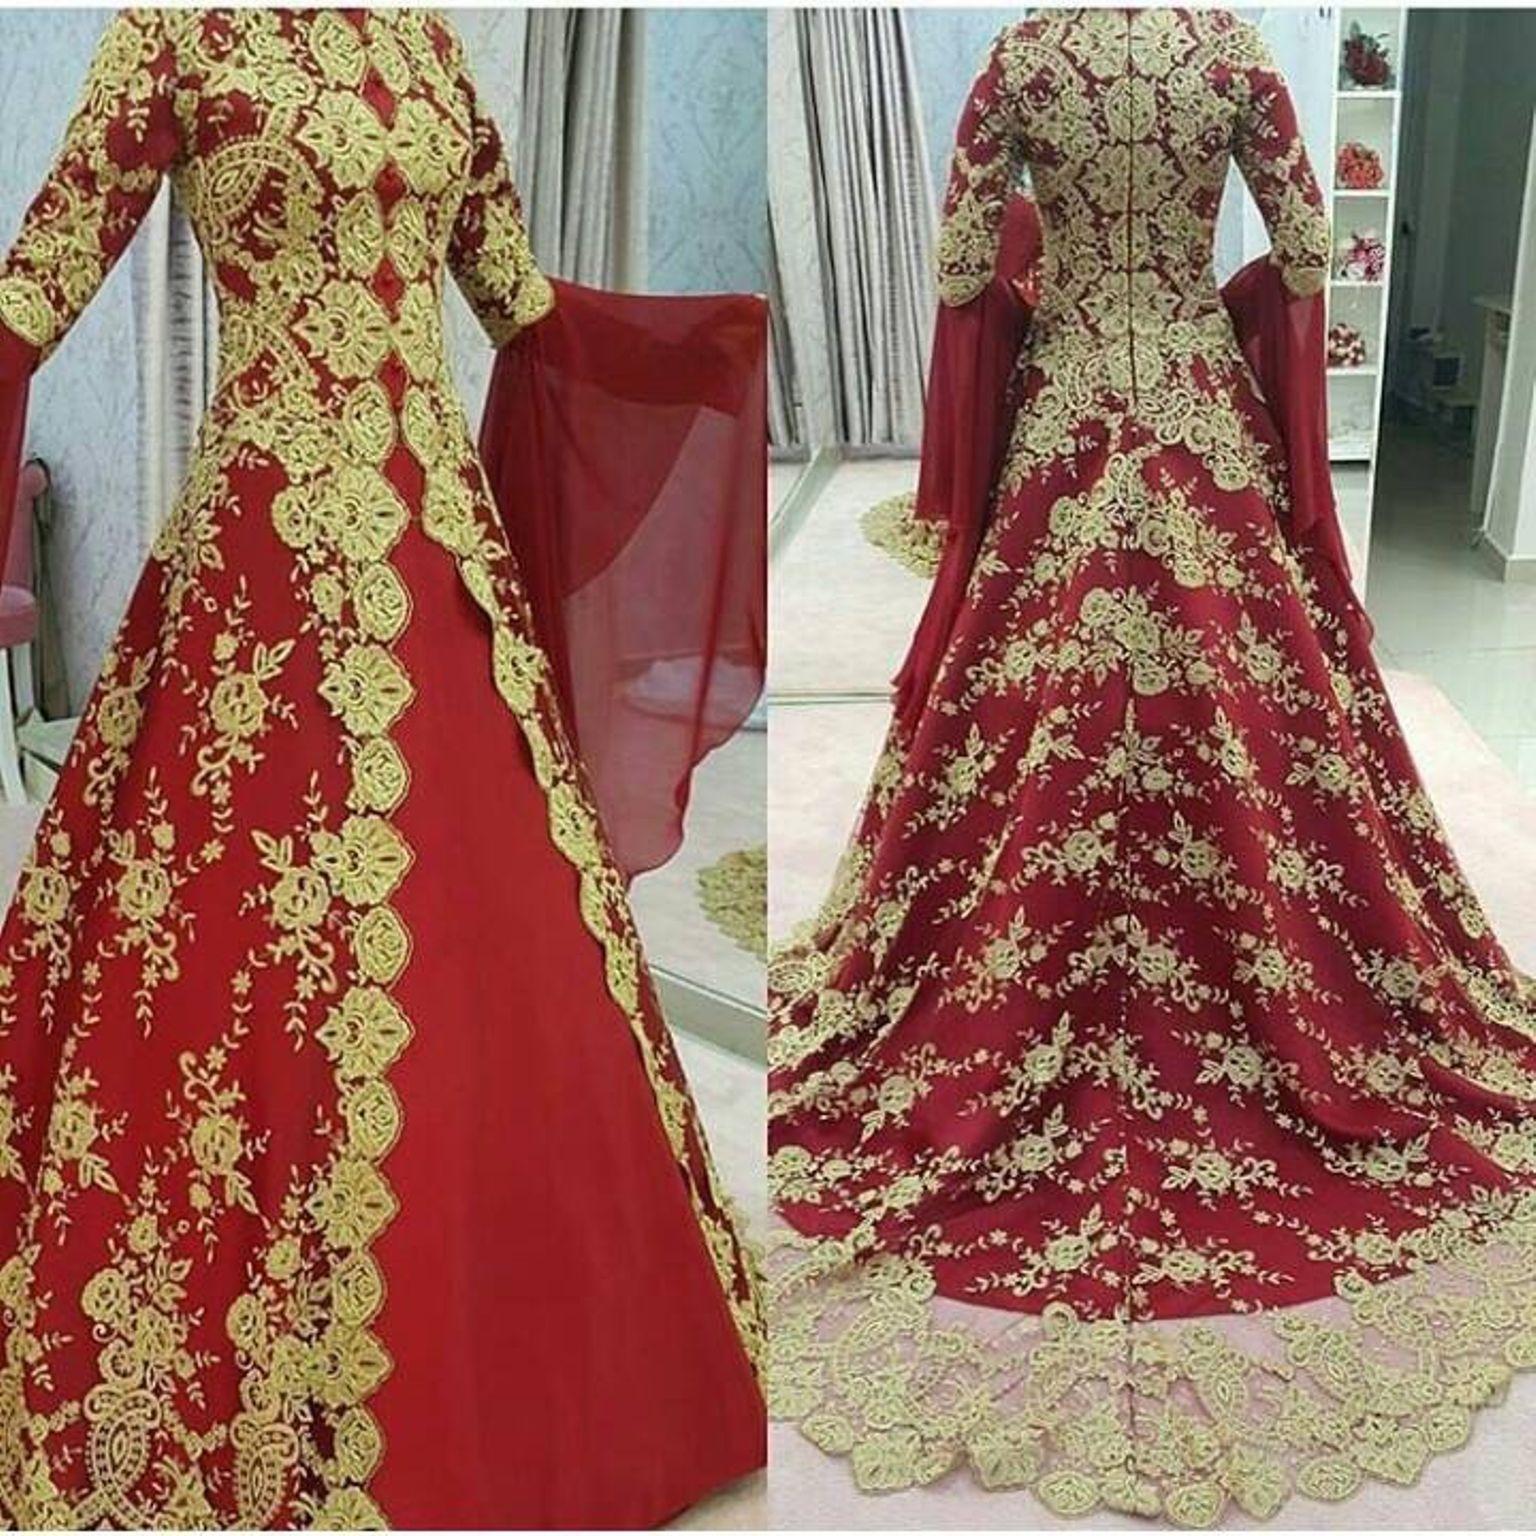 بالصور قنادر جزائرية , شكل الملابس التقليدية للجزائر 3222 11